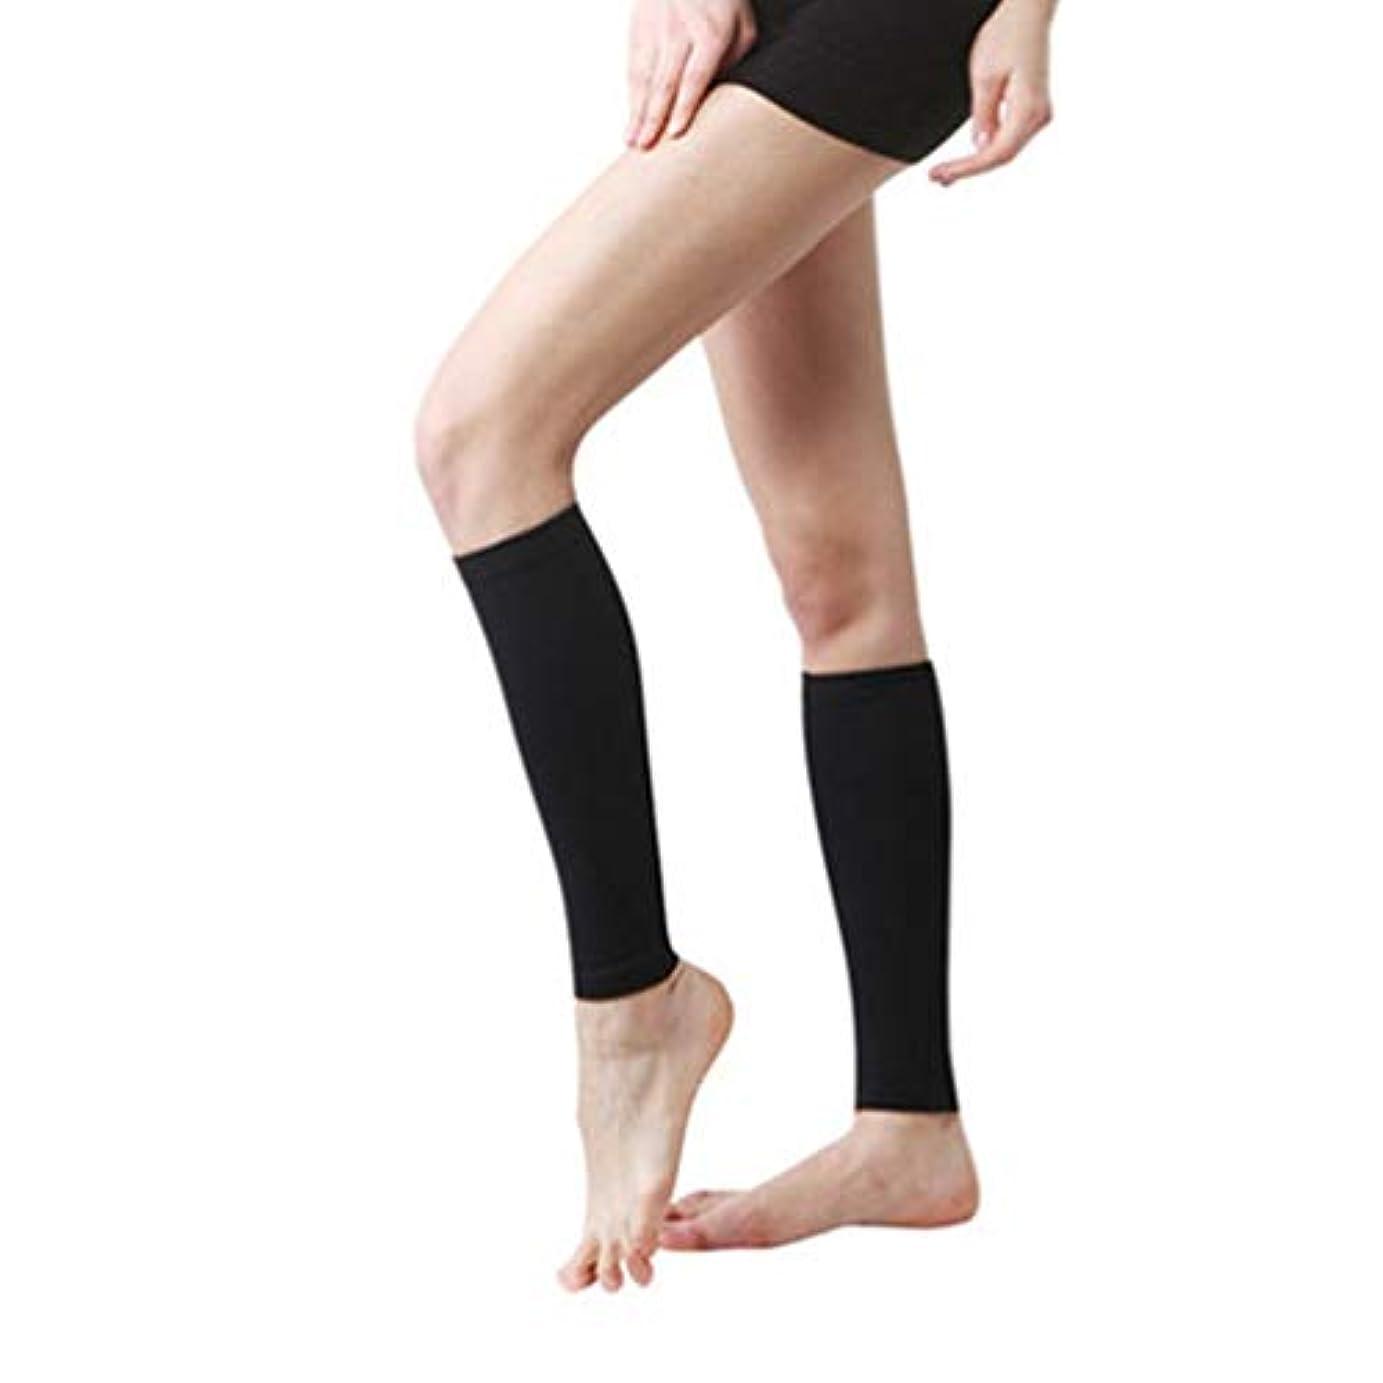 人里離れた小康限定丈夫な男性女性プロの圧縮靴下通気性のある旅行活動看護師用シンススプリントフライトトラベル - ブラック